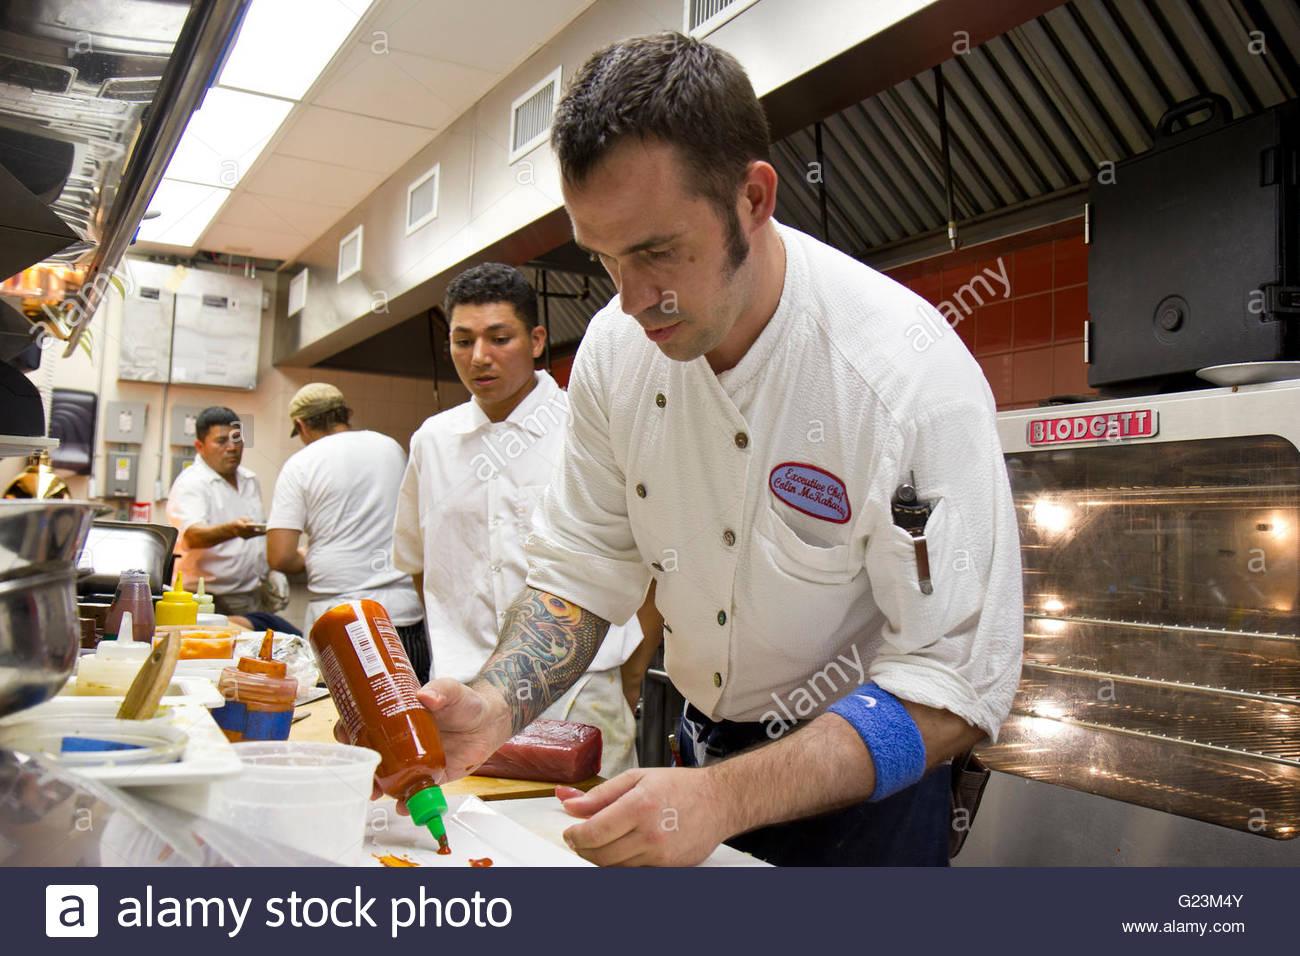 Colin McKarahay, Executive Chef at The Patio, Freeport, Long Island, NY - Stock Image